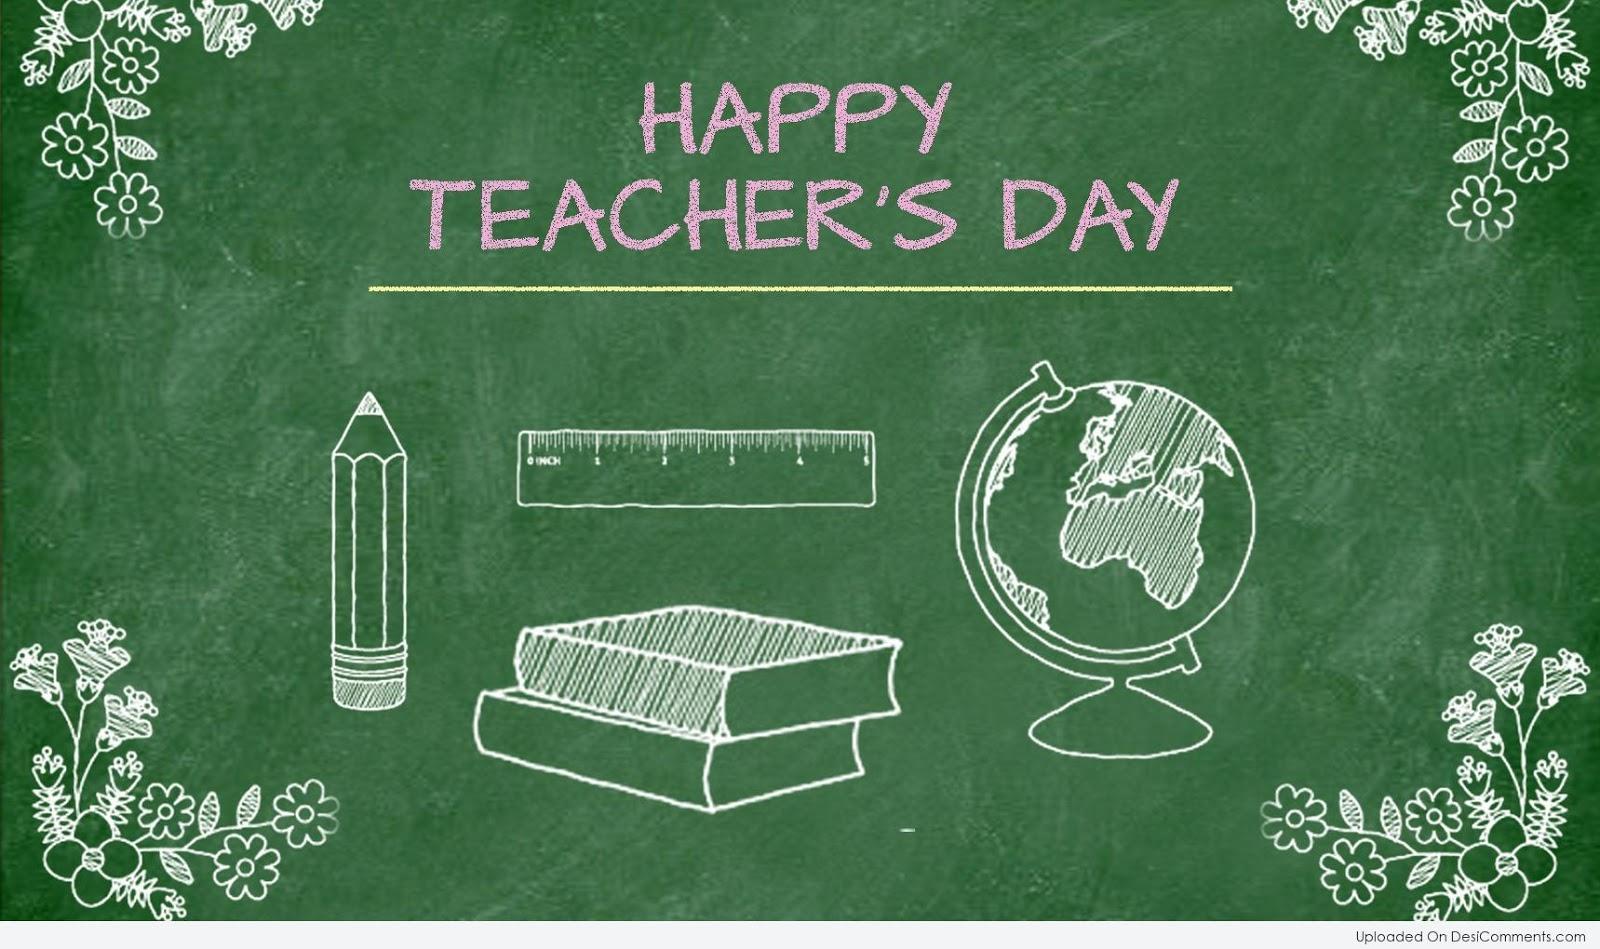 शिक्षक का अपमान, देश के कमजोर होने का प्रमाण है — दीपक भास्कर #TeachersDay